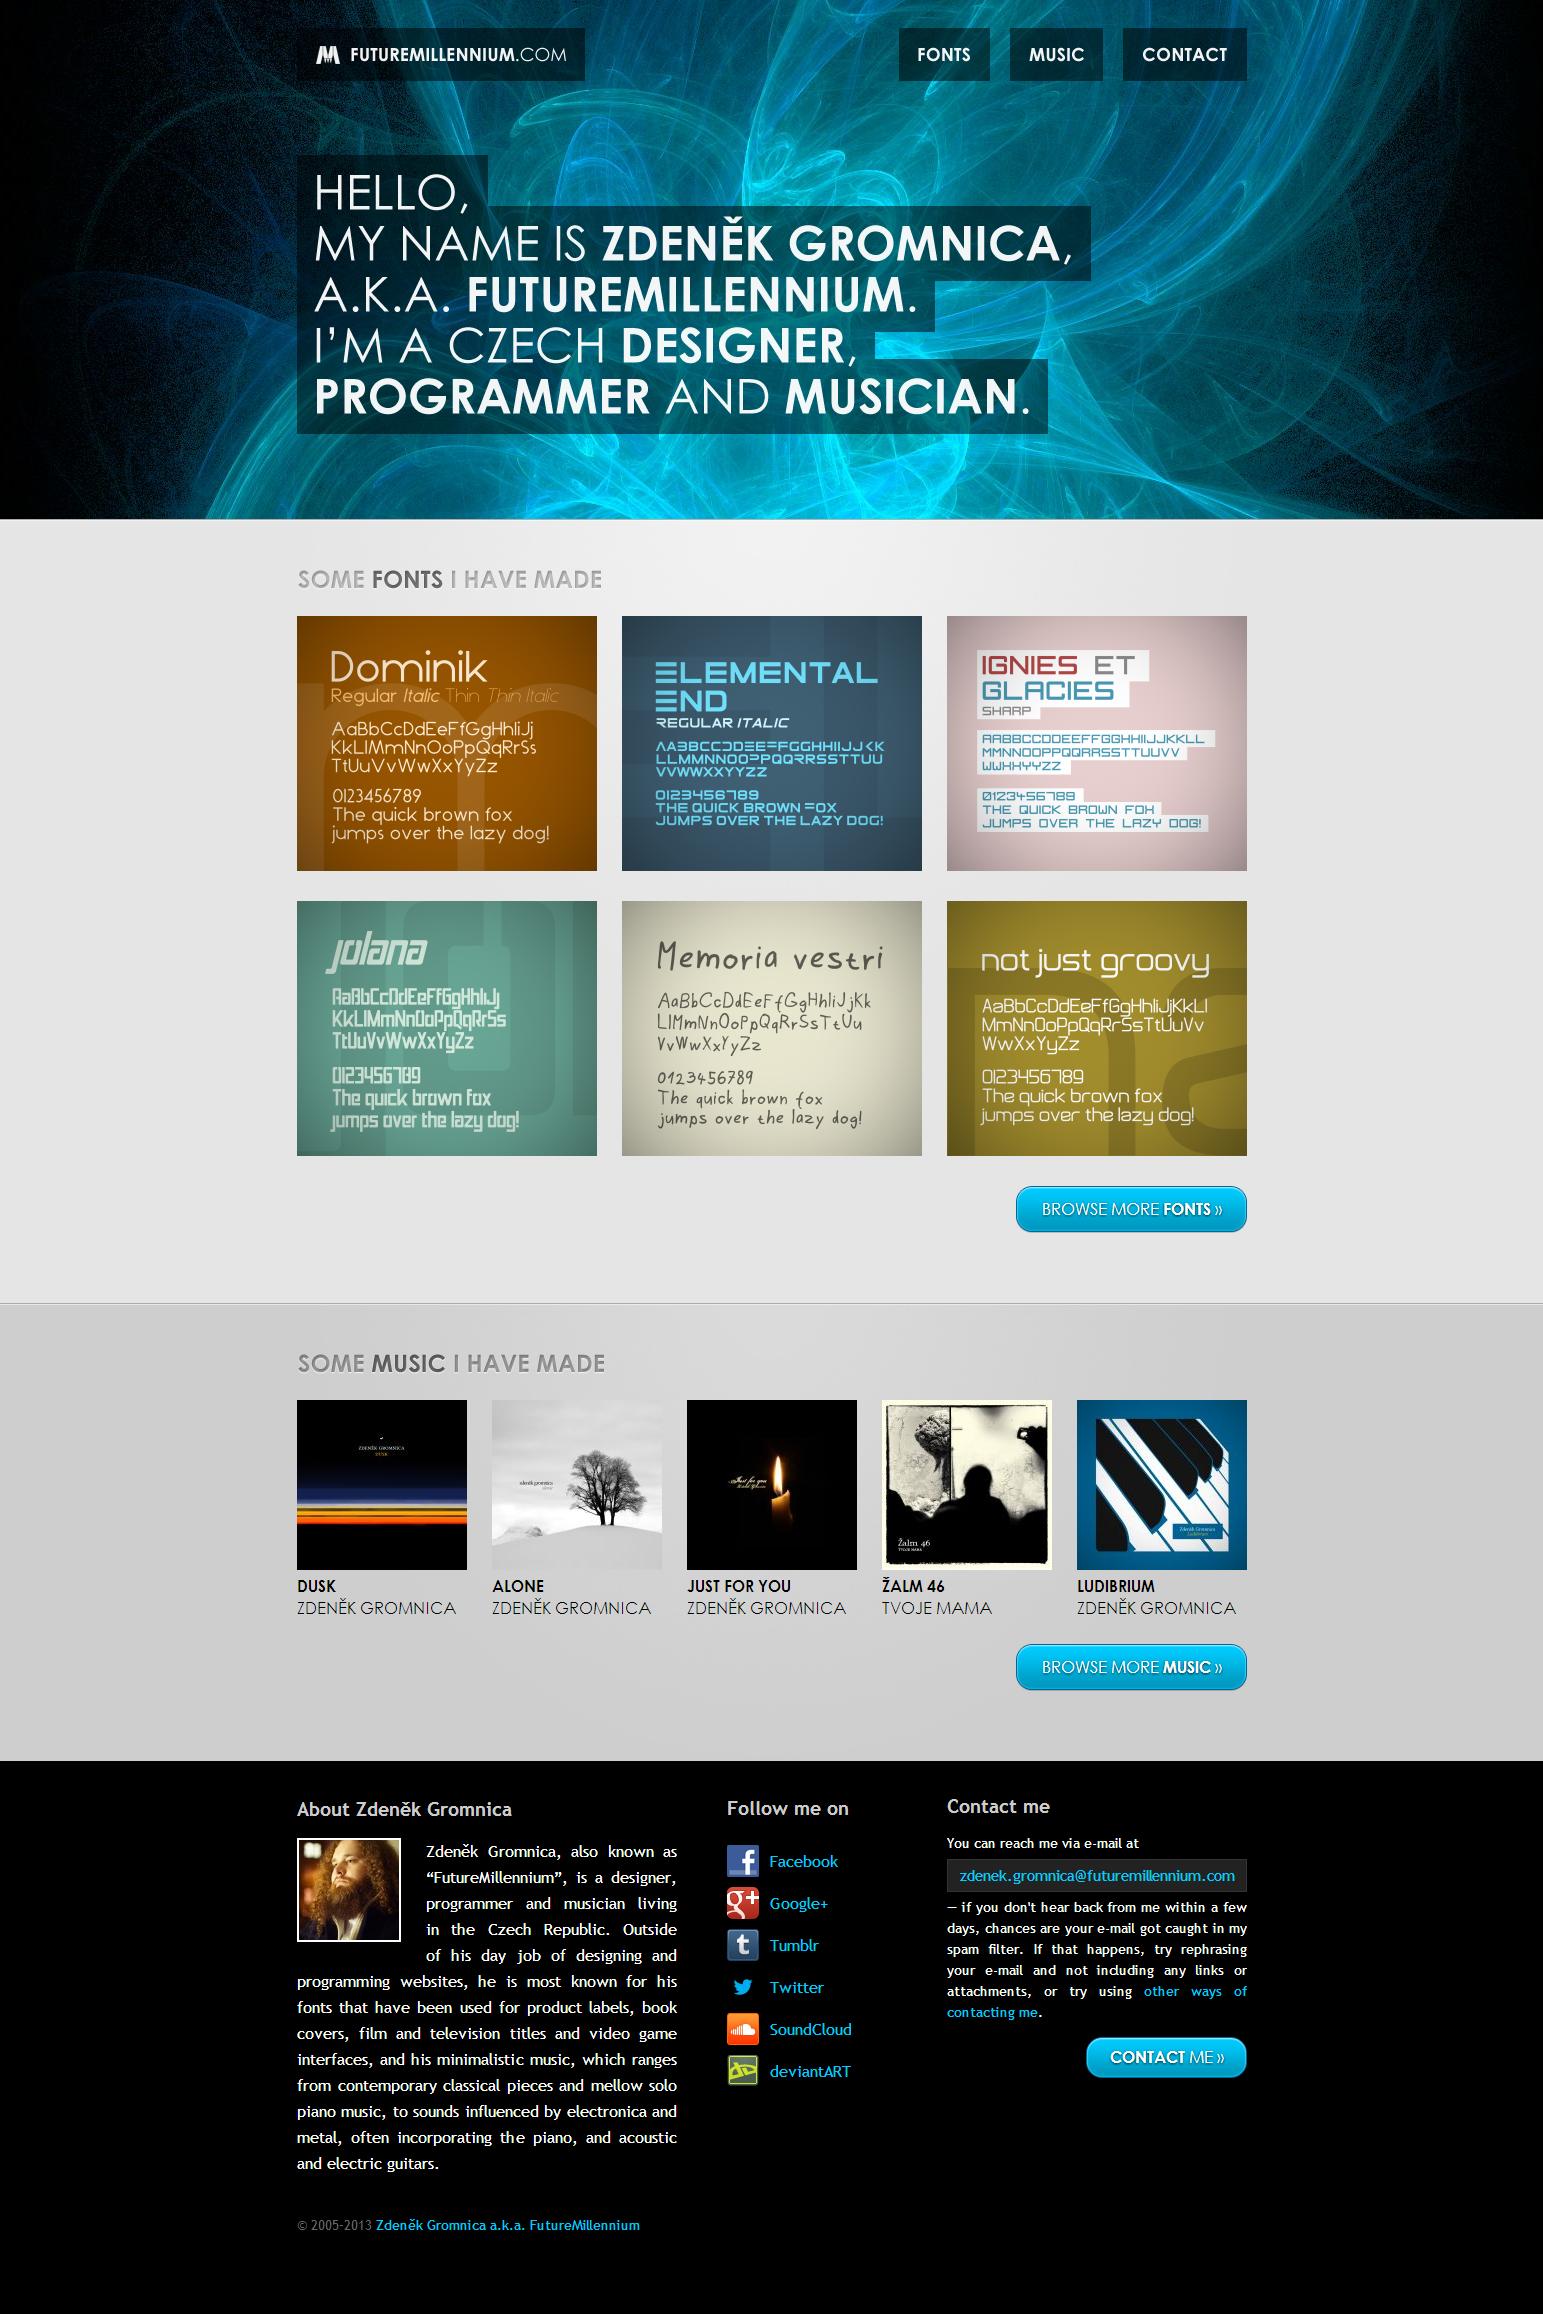 FutureMillennium.com 2012 website by FutureMillennium